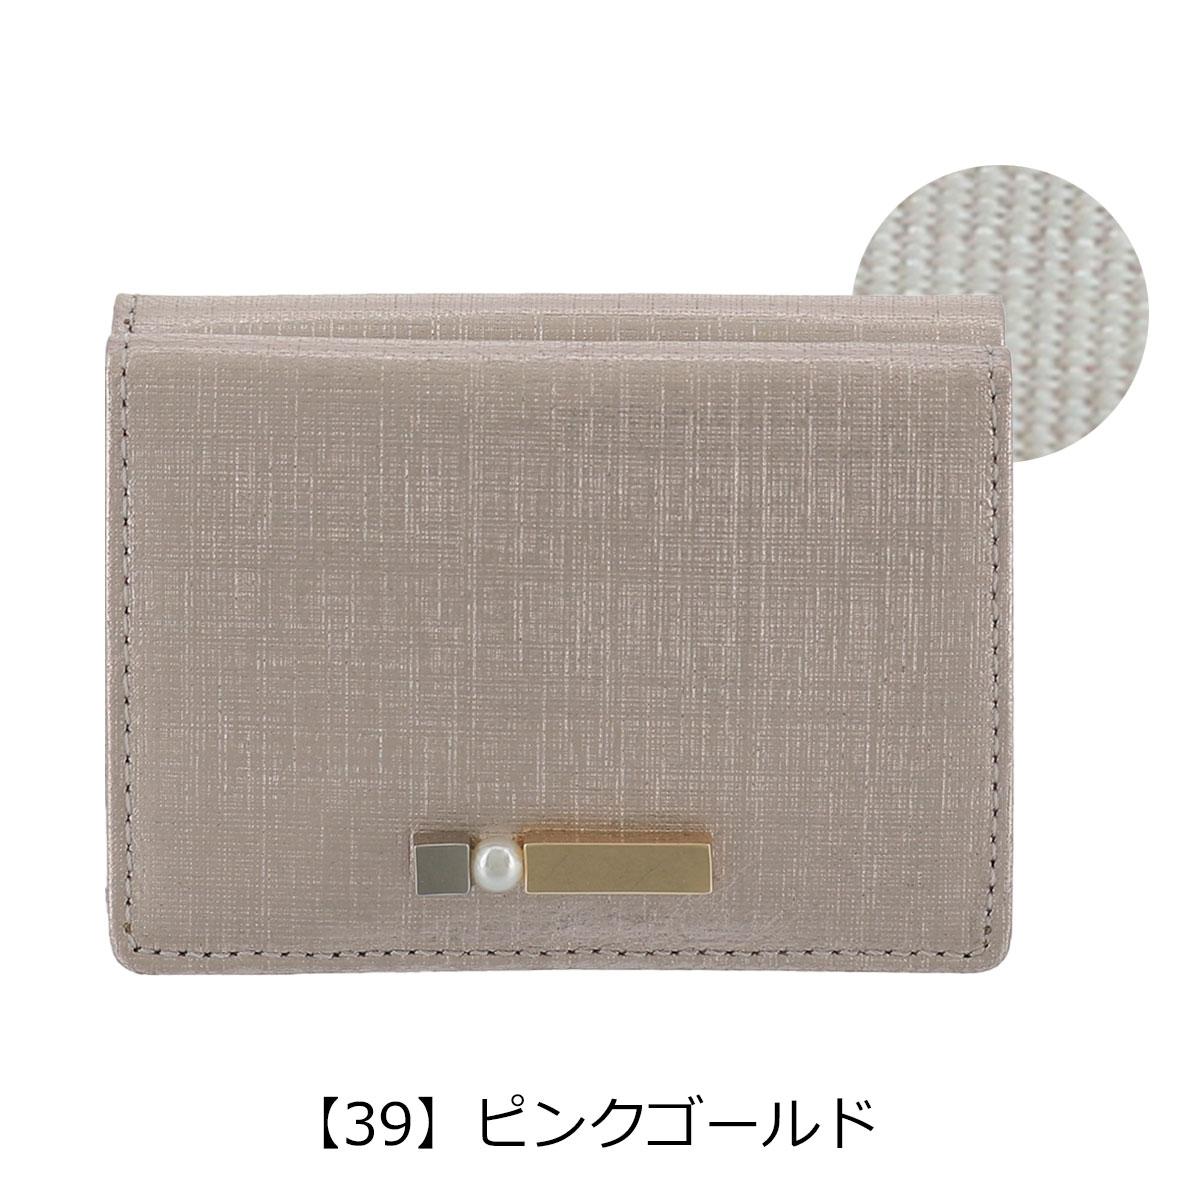 609f16a14f9e ランバンオンブルー 三つ折り財布 ロンシャン レディース 482603 LANVIN ...